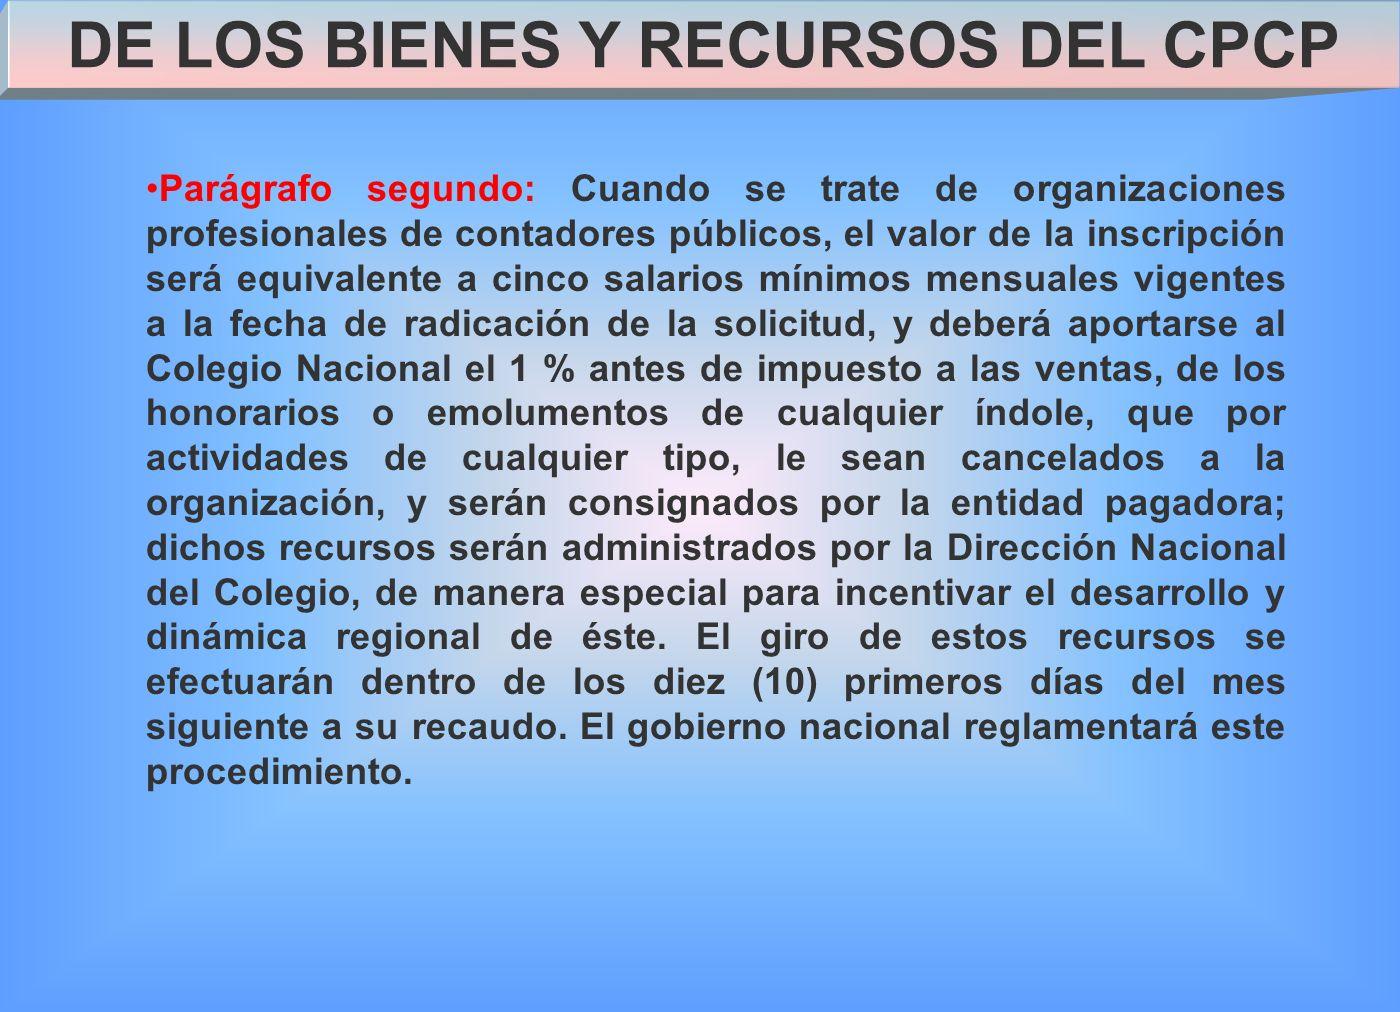 DE LOS BIENES Y RECURSOS DEL CPCP